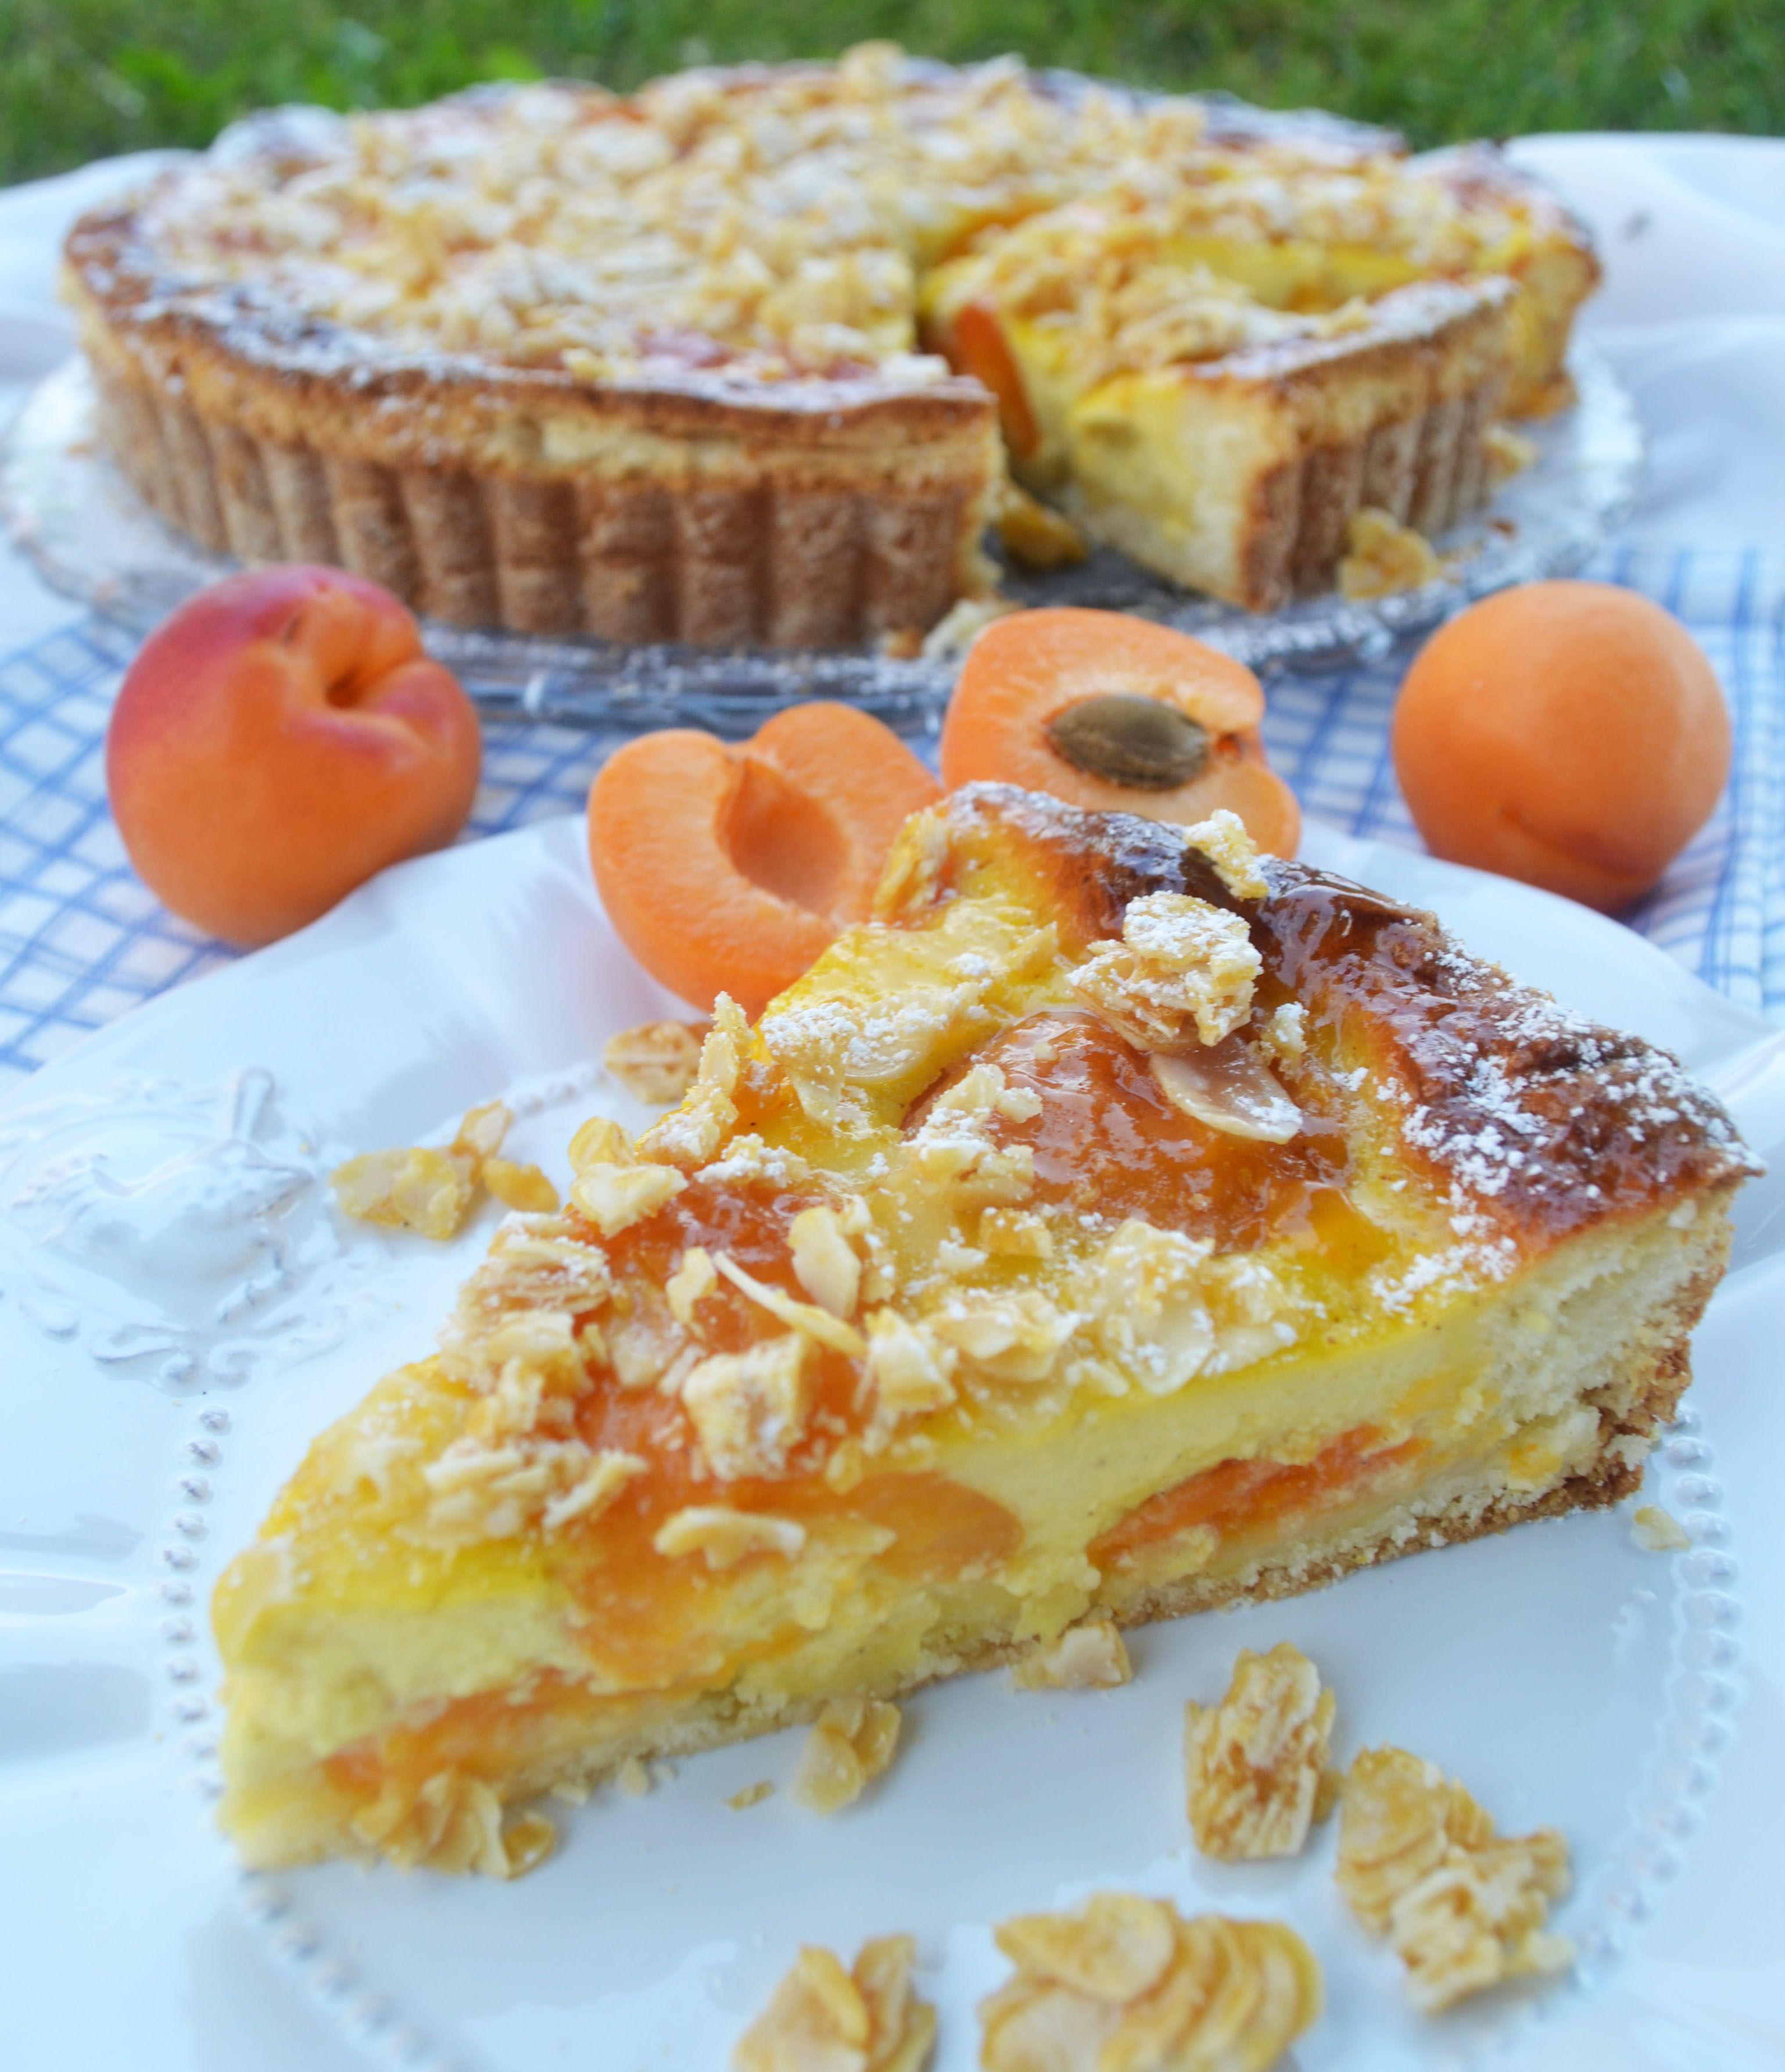 Kuchenliebling! Marillen-Wähe mit Mandelkrokant #foodrecipies